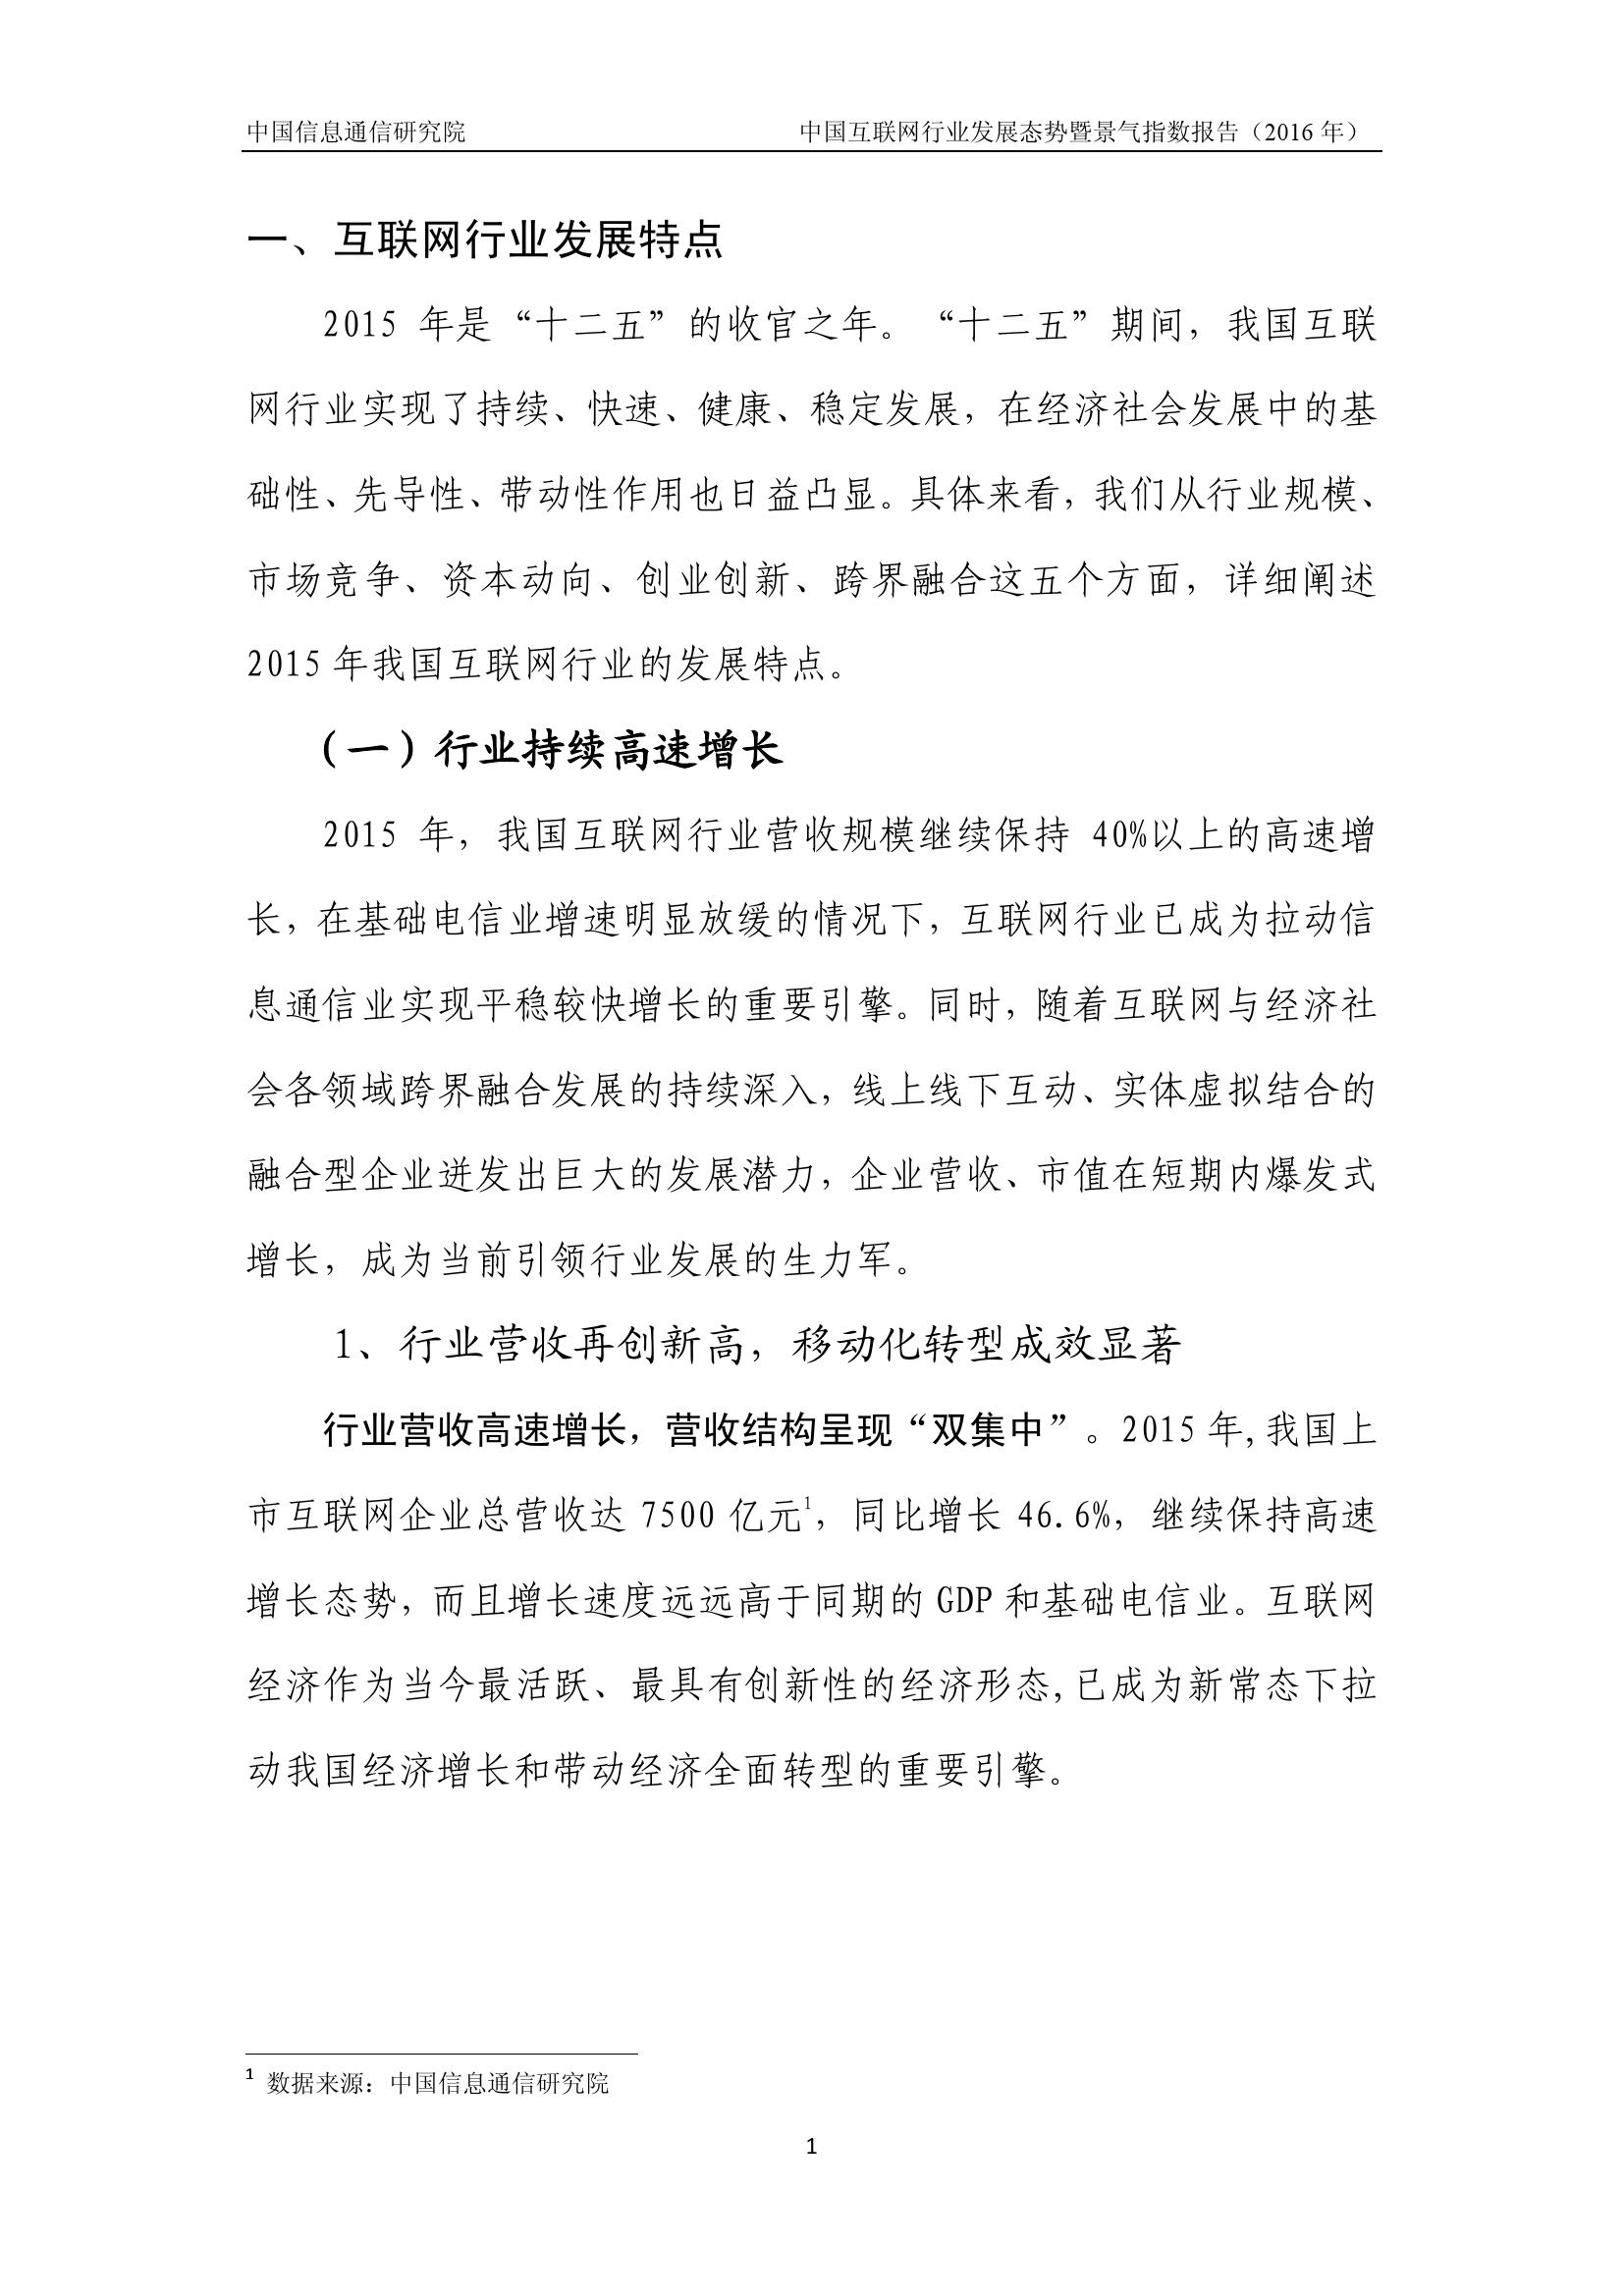 2016年中国互联网行业发展态势暨景气指数报告_000005